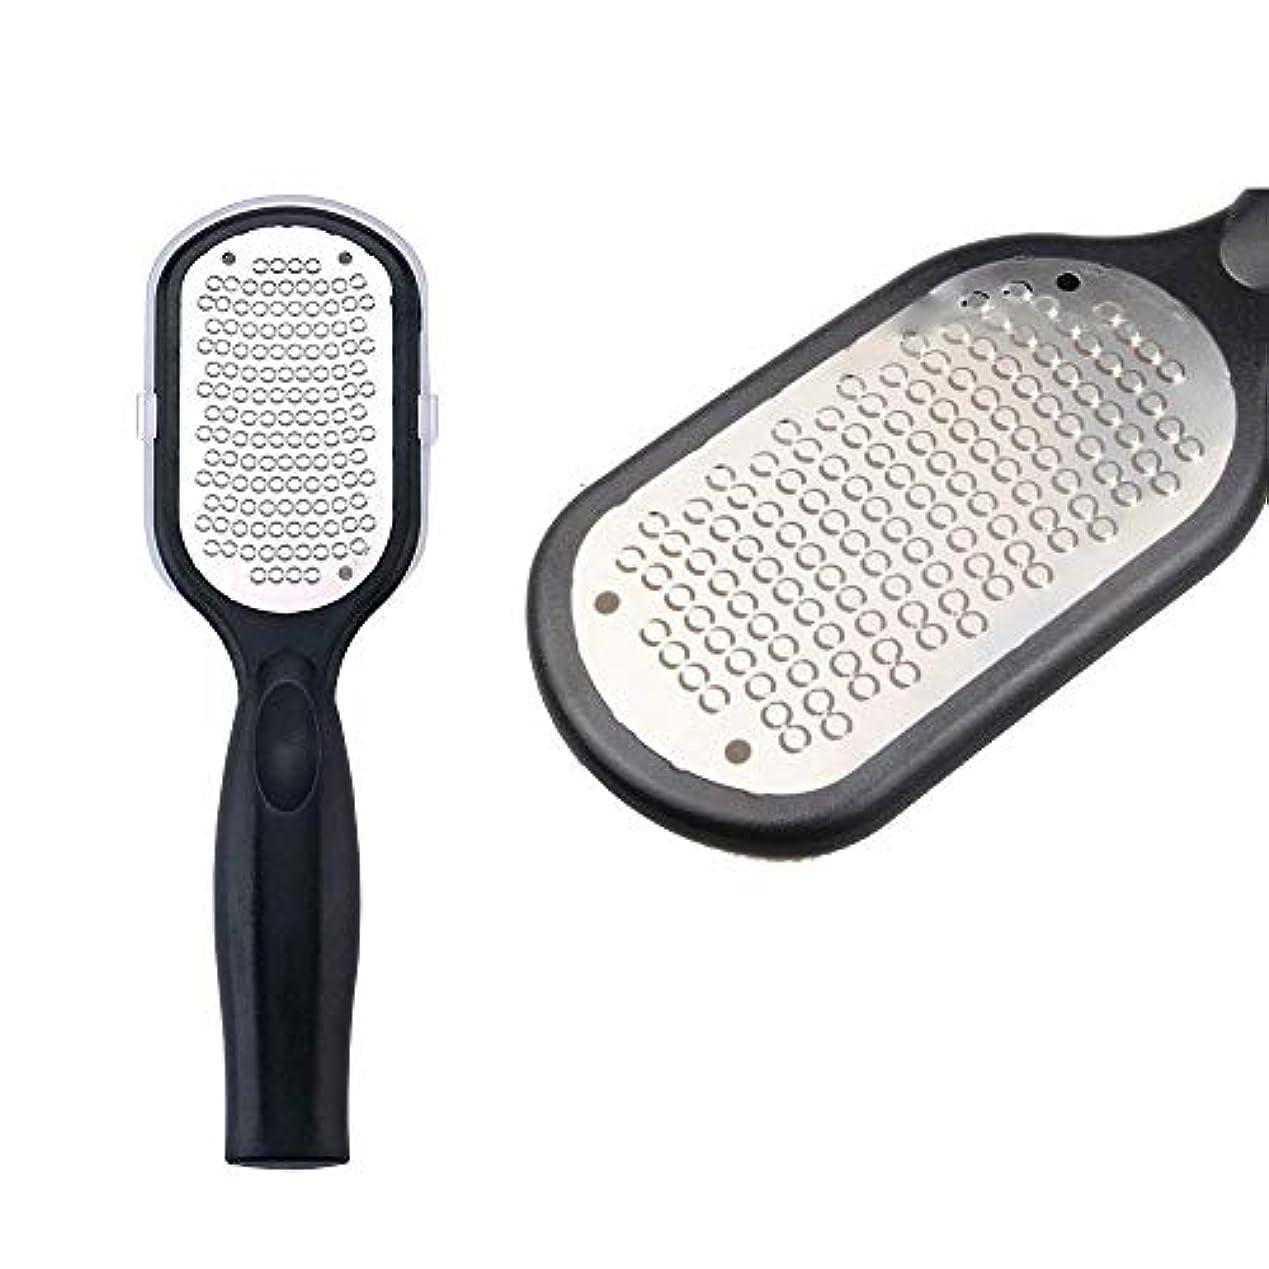 マイク南アメリカ抵抗力がある軽石 かかと 角質取り かかと削り器 お風呂 防水 水洗いOK 衛生的な 角質 リムーバー 削り ケア 除去